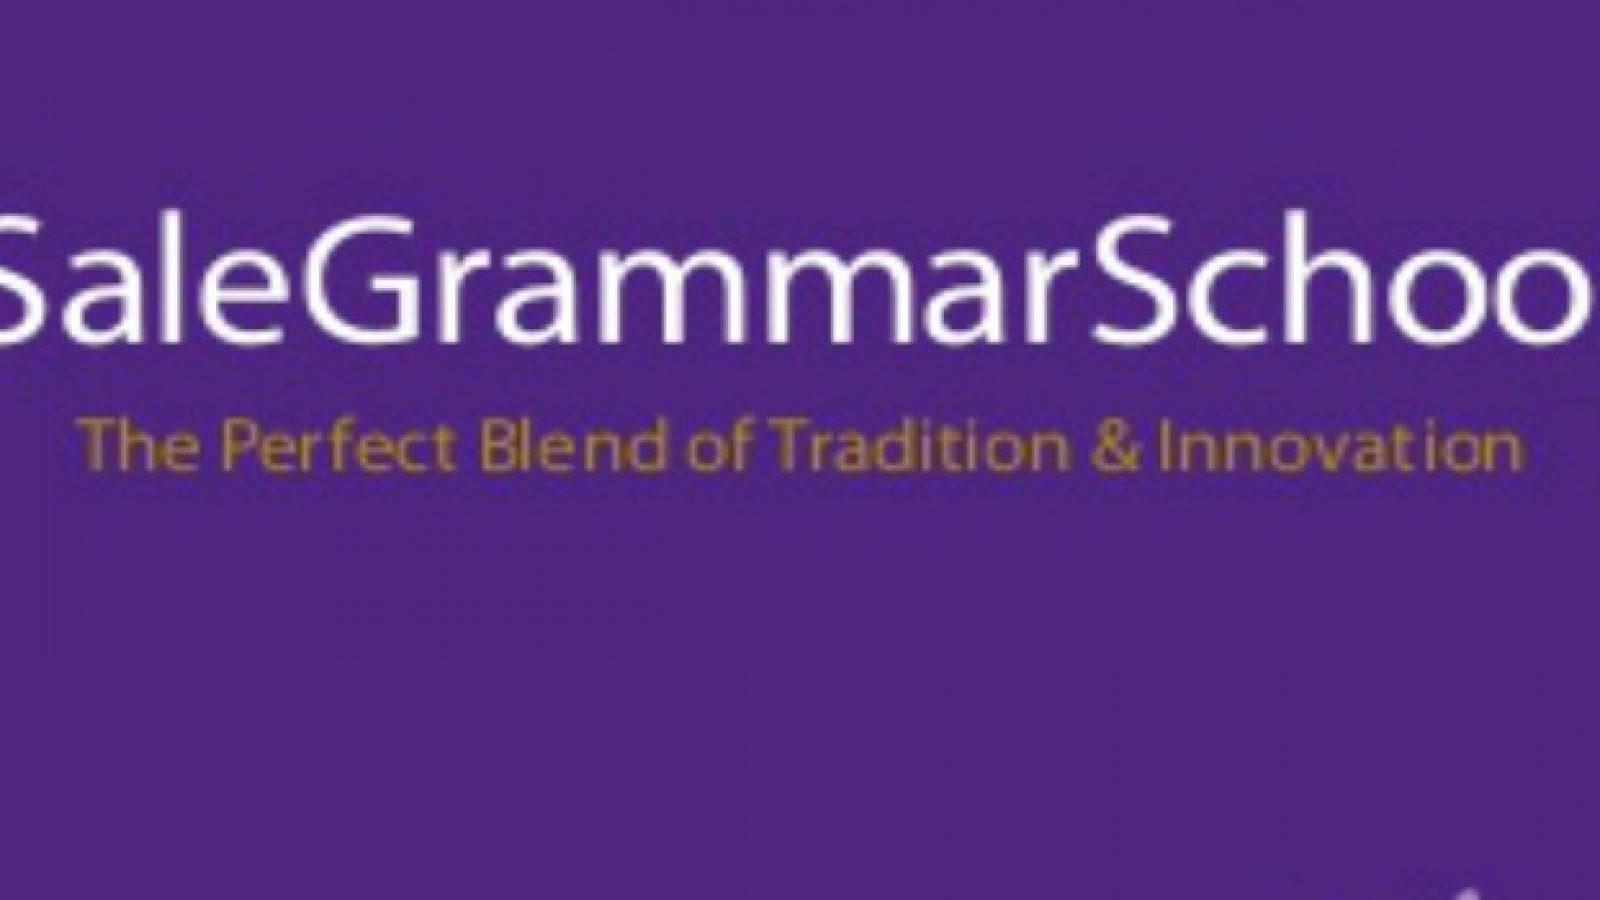 Sale Grammar